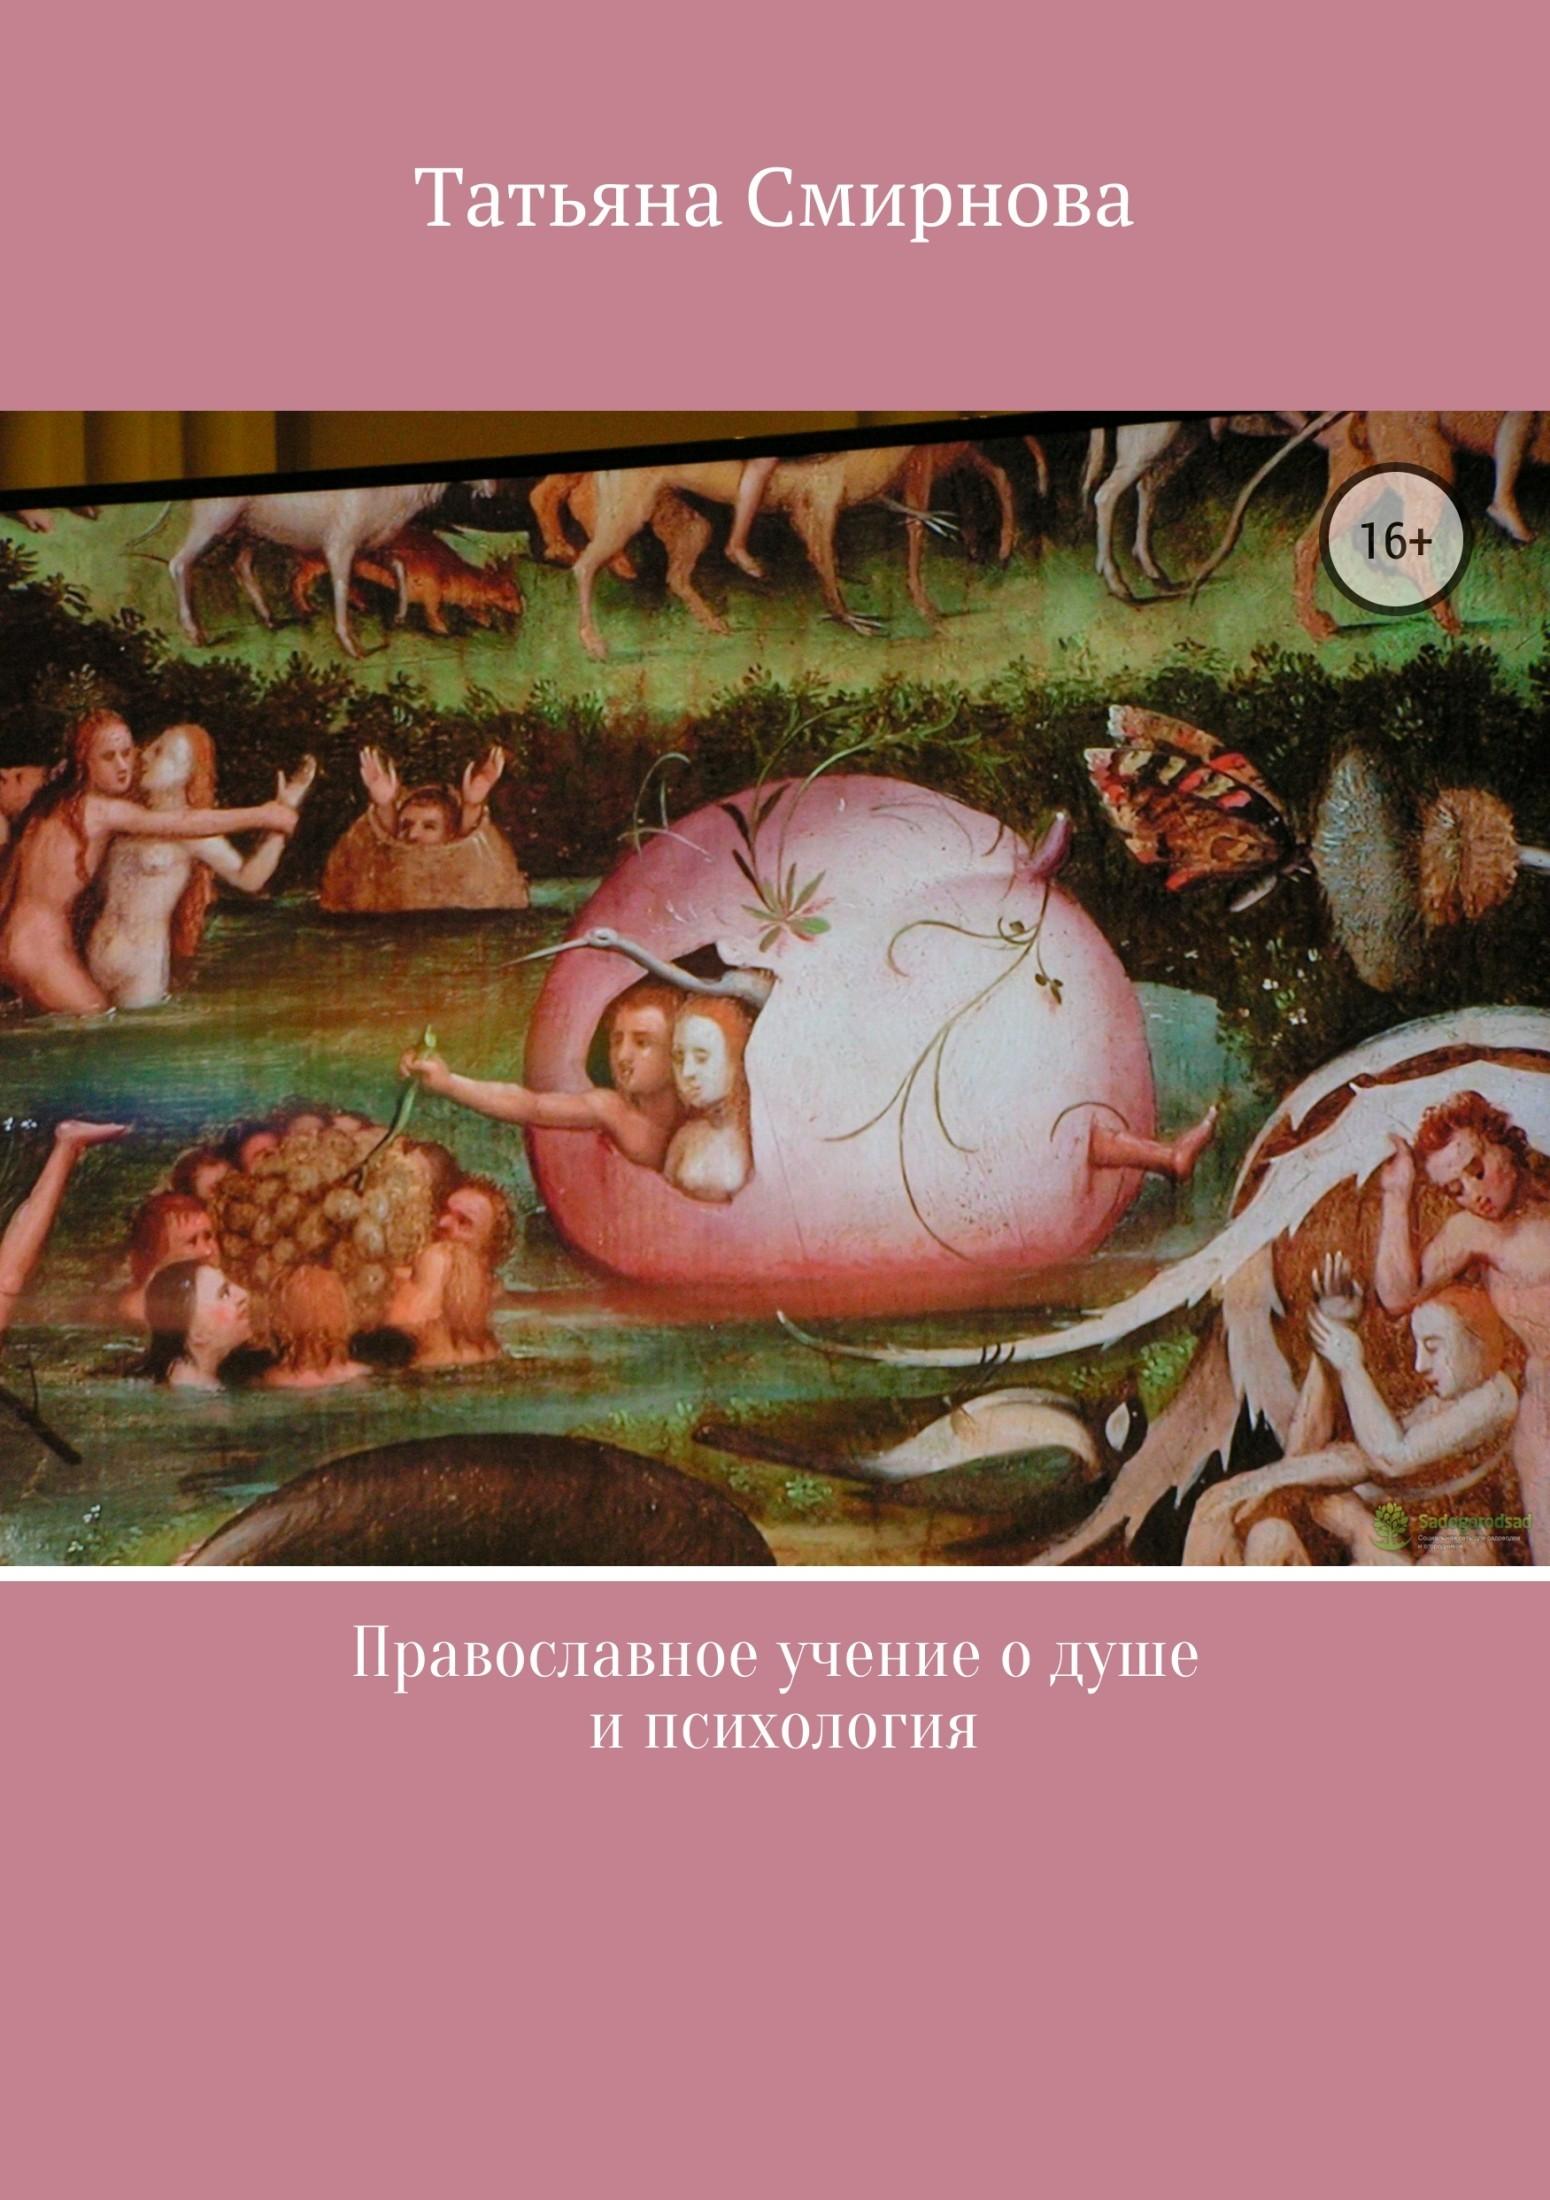 Татьяна Андреевна Смирнова Православное учение о душе и психология гобелен 180х145 printio сад земных наслаждений